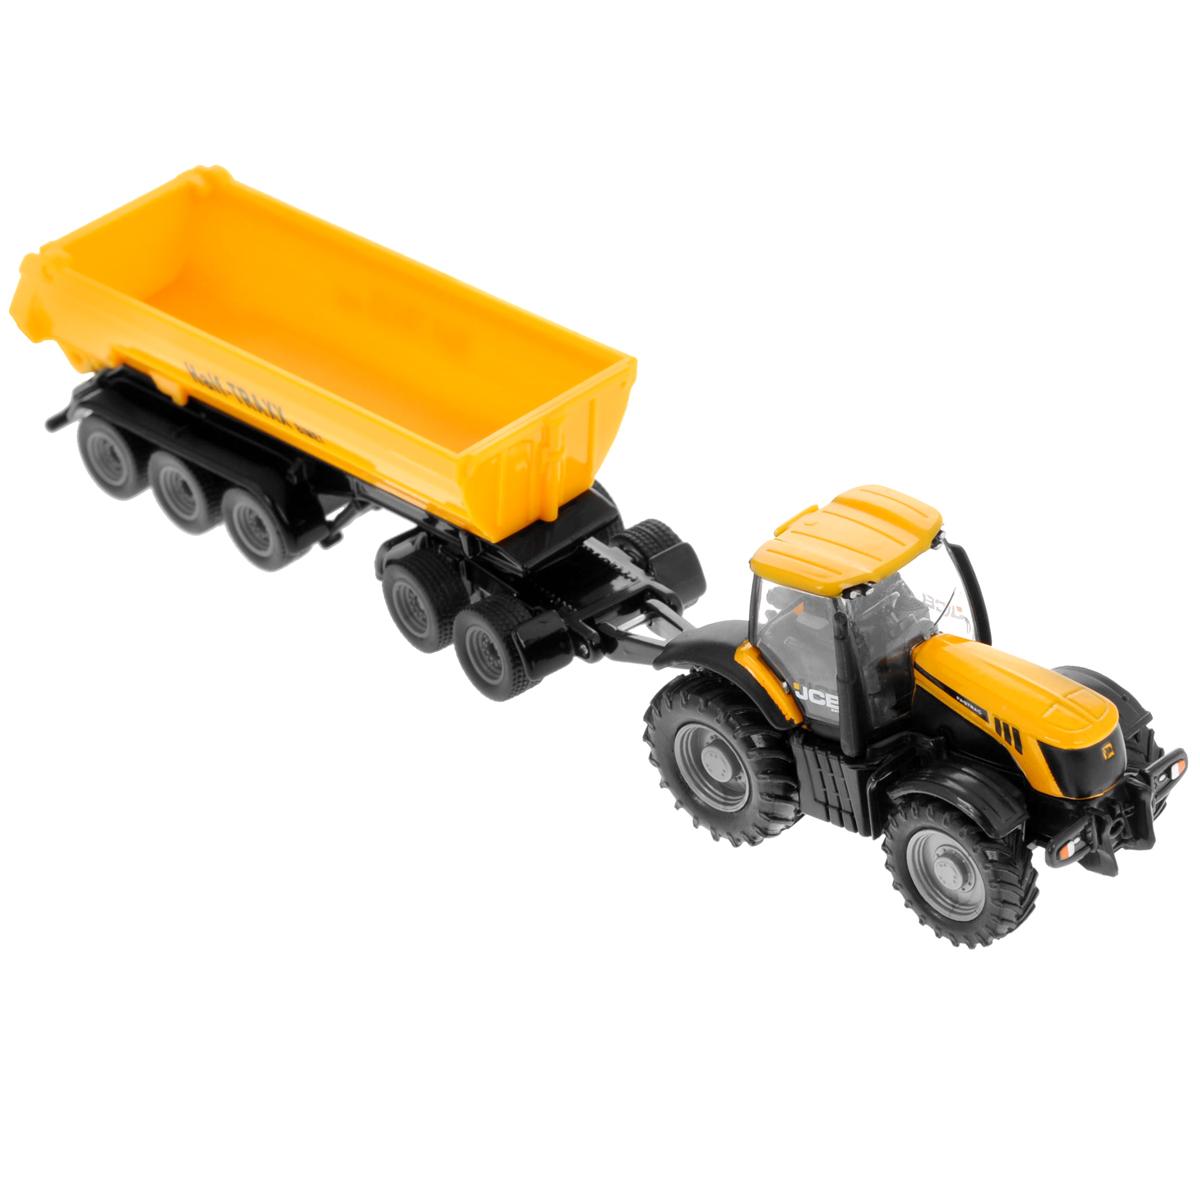 Siku Трактор JCB 8250 с прицепом-кузовом siku внедорожник jeep wrangler с прицепом для перевозки лошадей